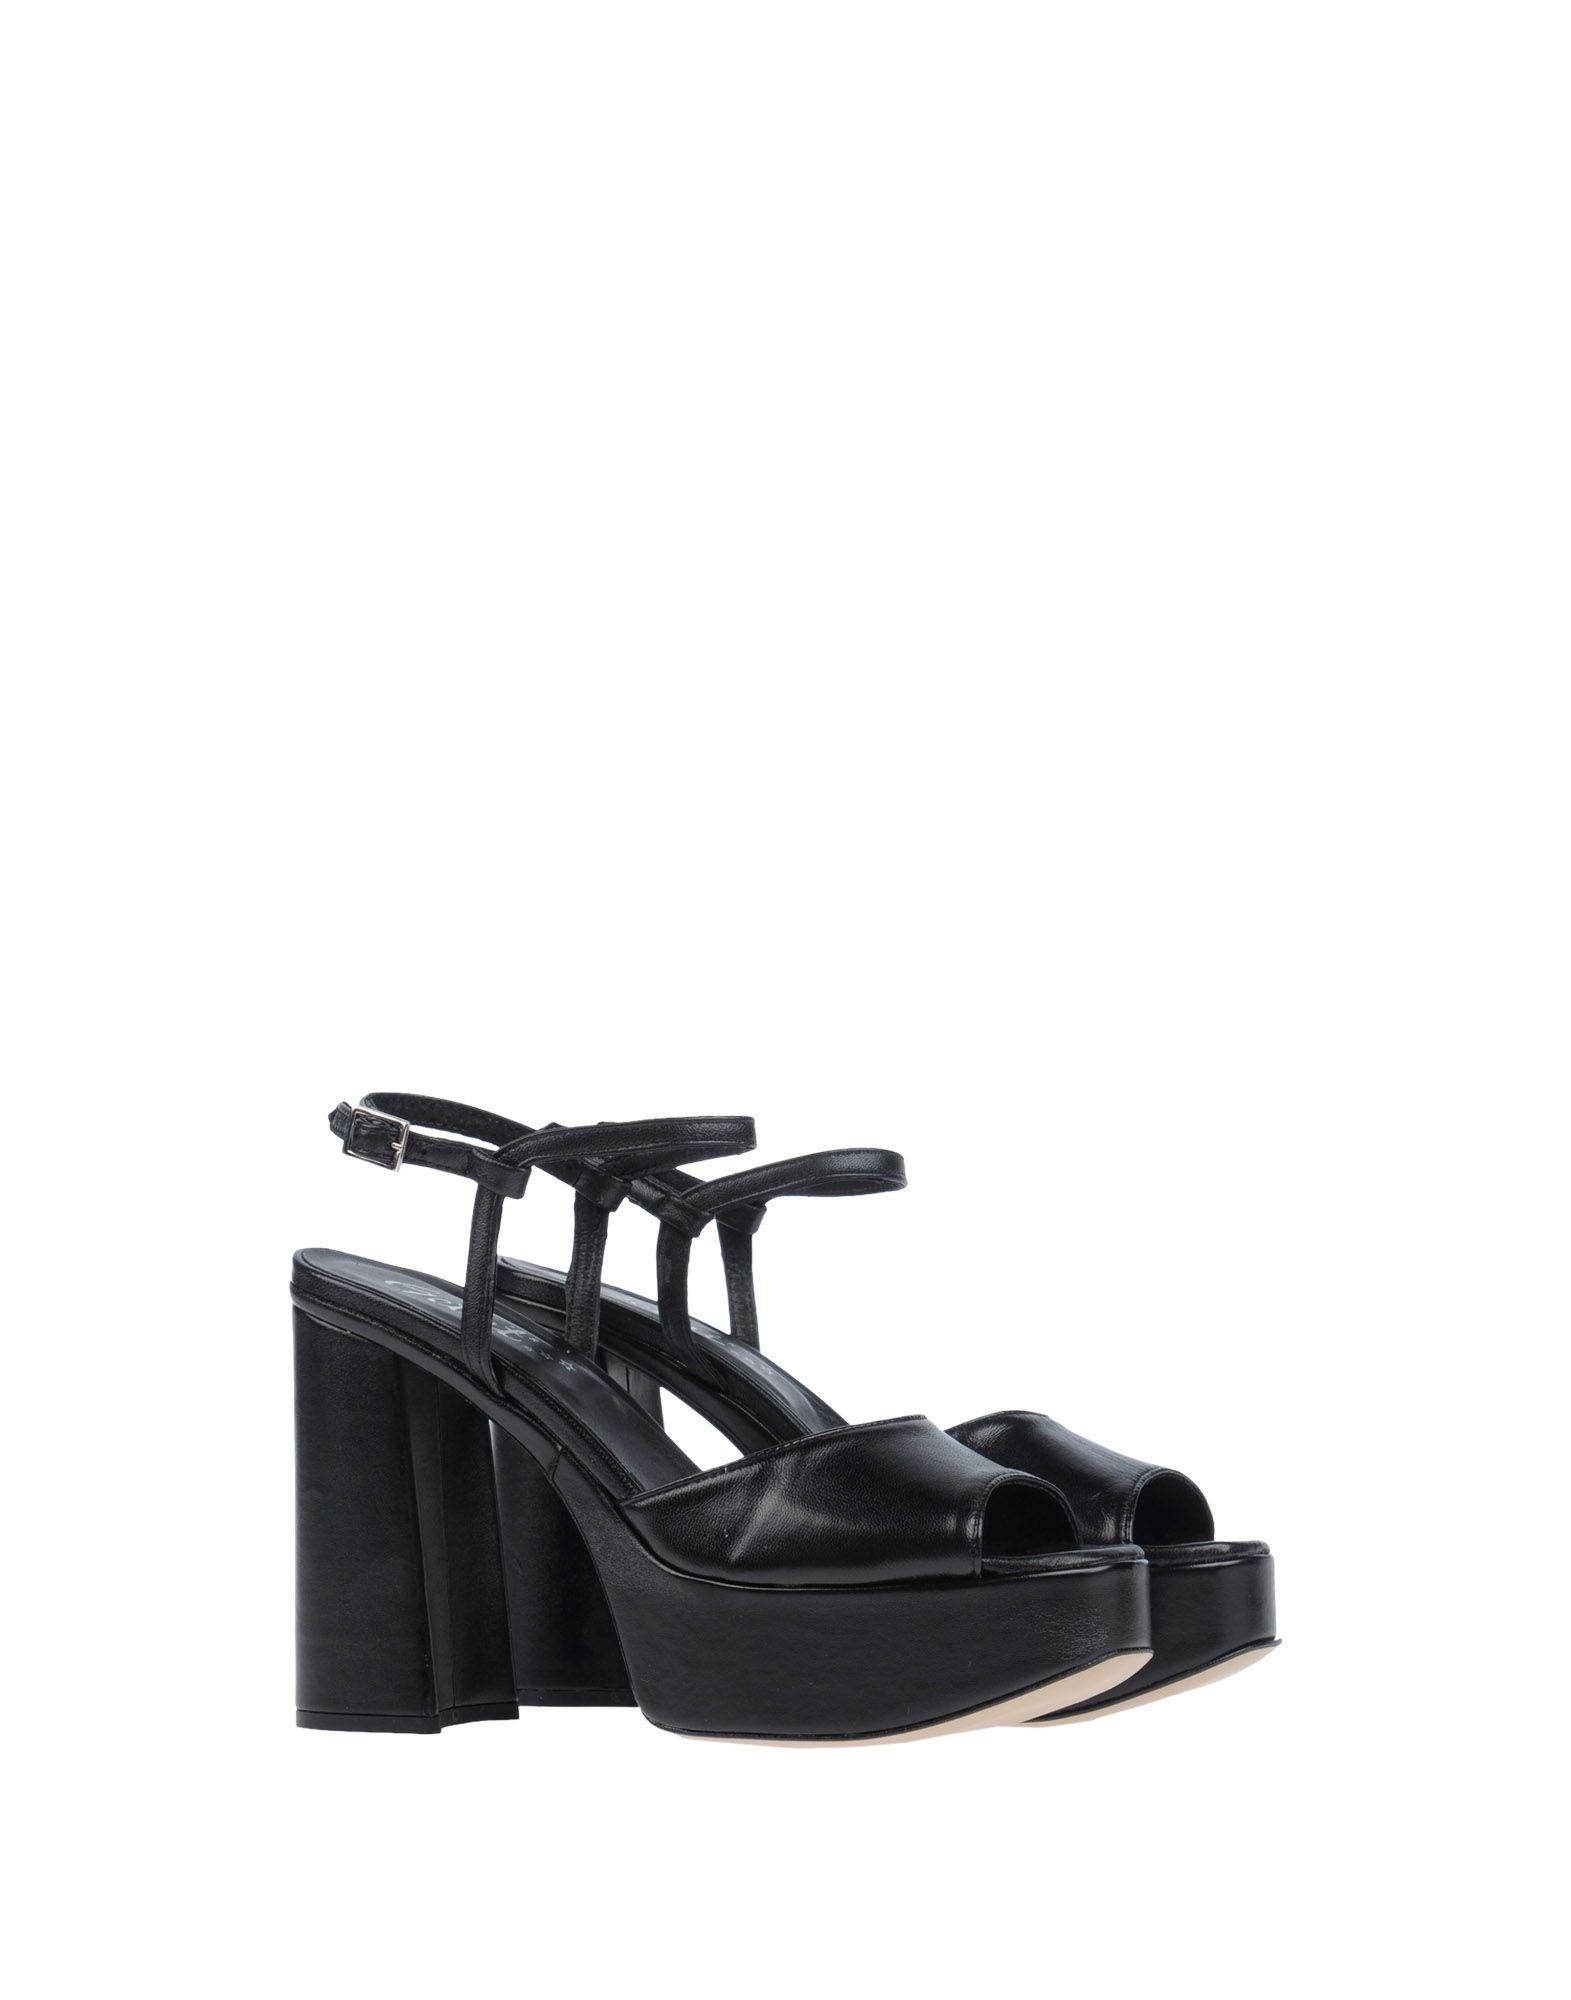 Get It Sandalen Damen  11241741ND 11241741ND  Gute Qualität beliebte Schuhe 70bb90